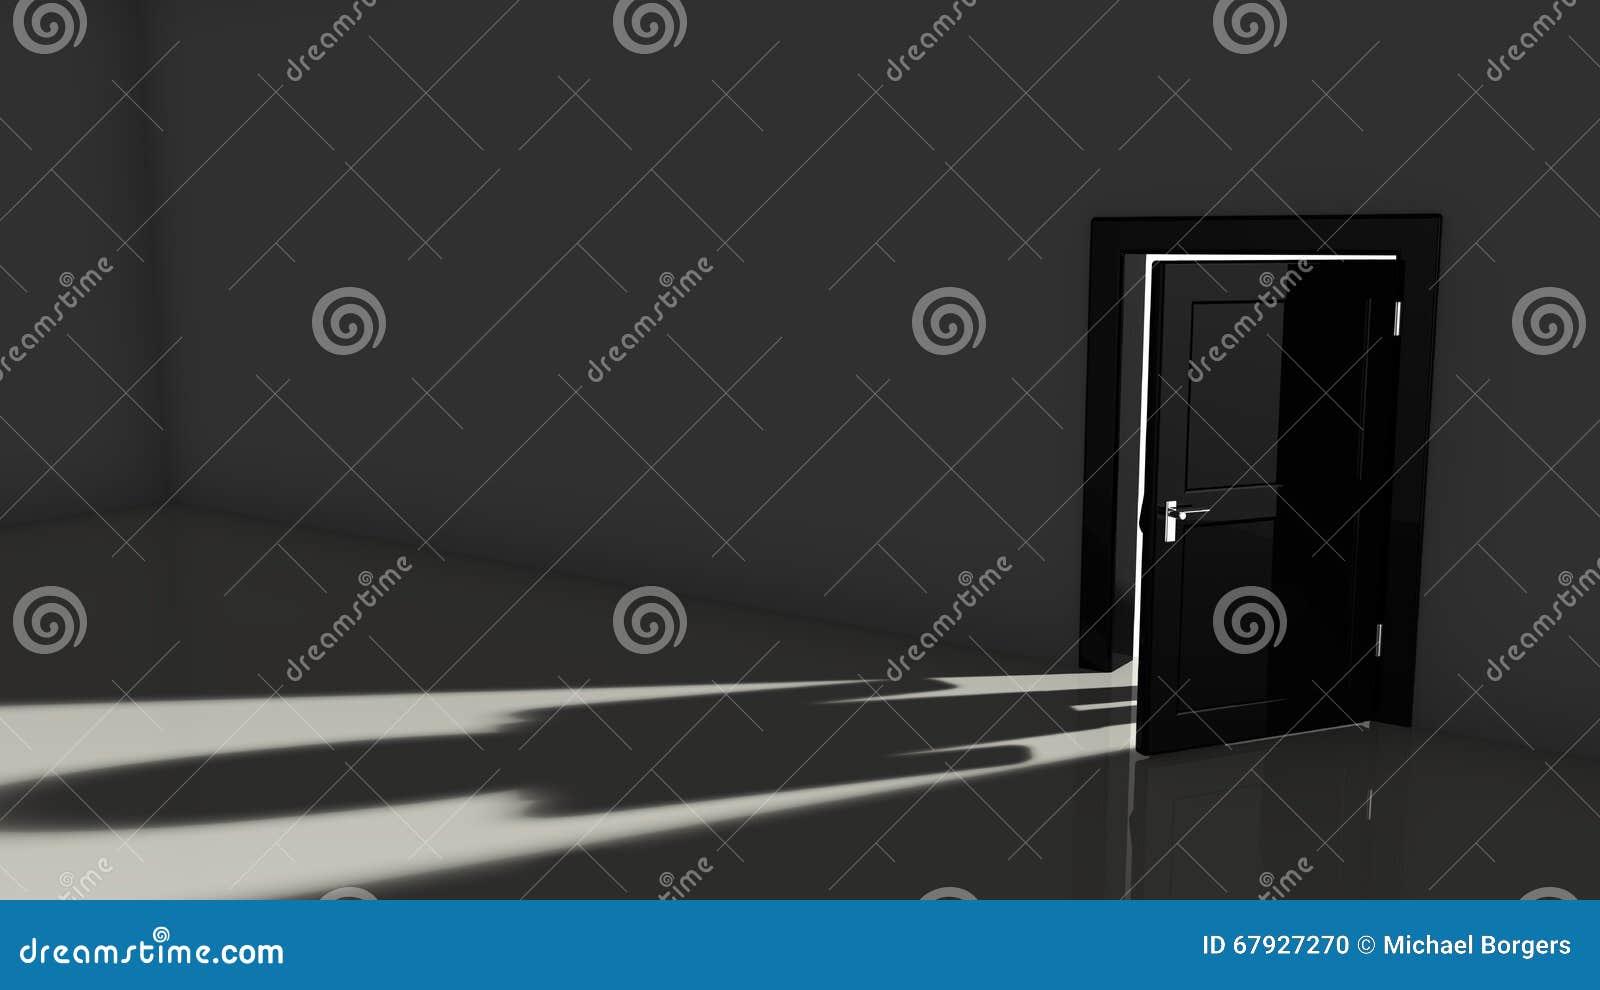 Dark room with light through door - Black Dark Door Light Opening Person Room